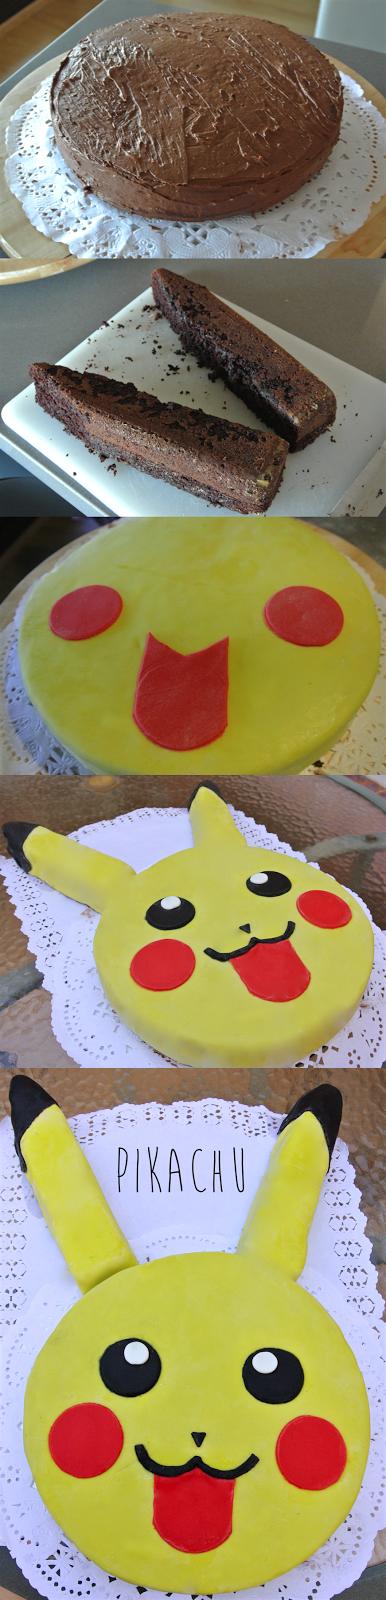 Pikachu step by step